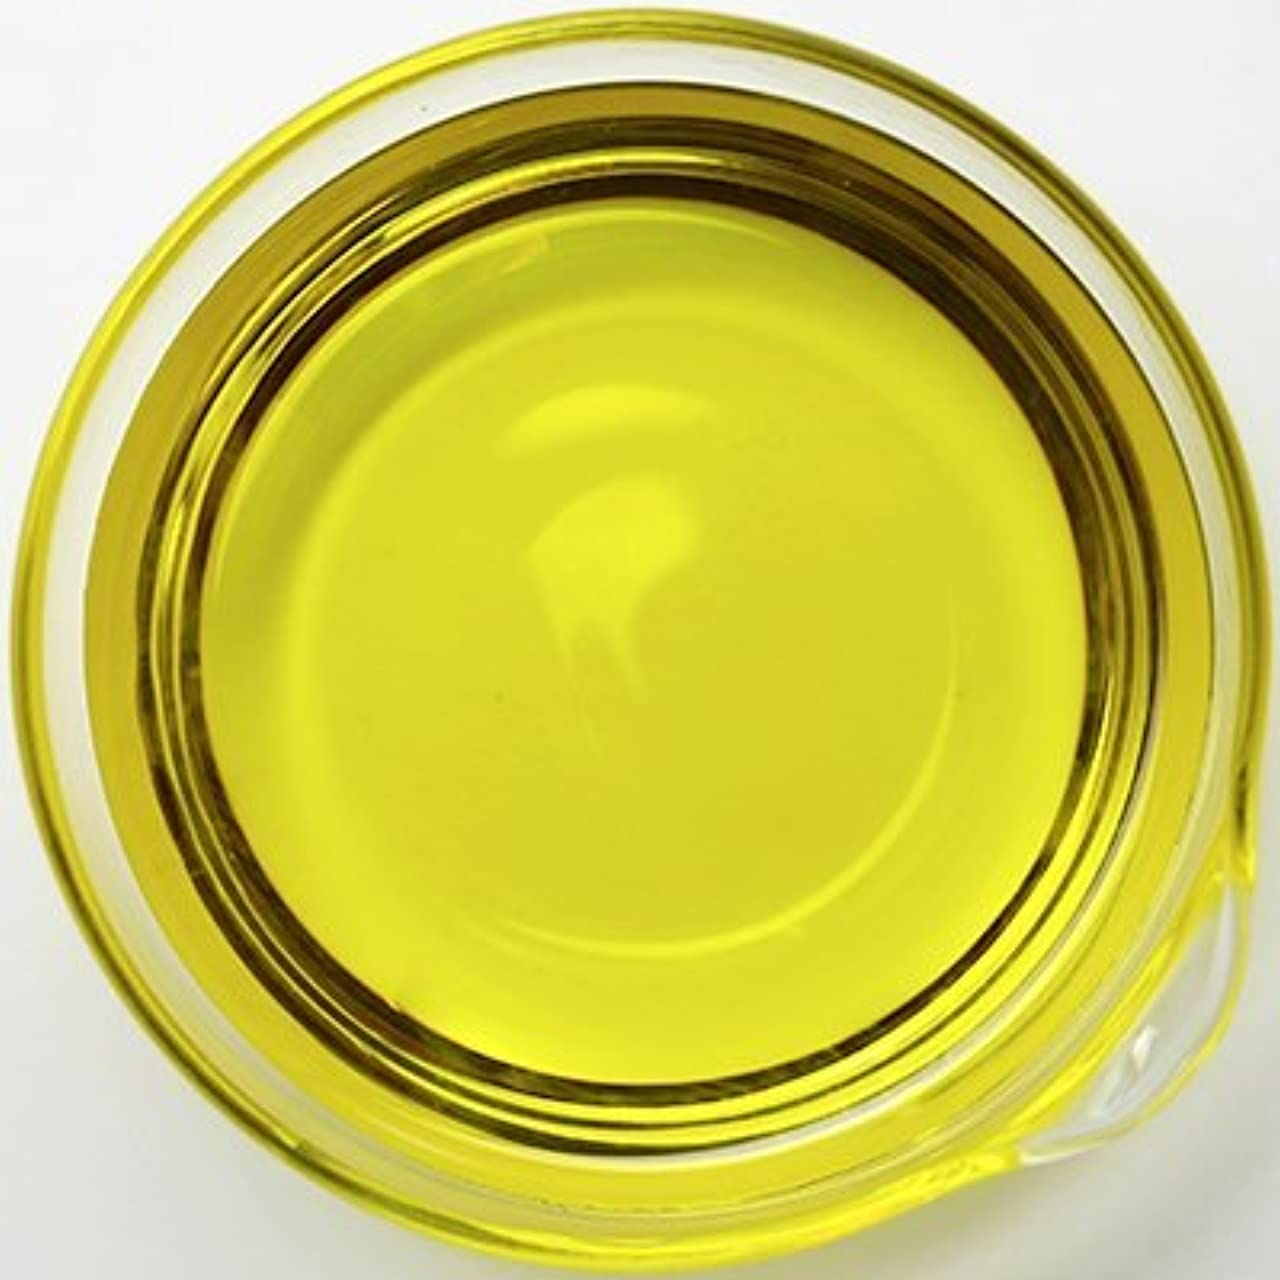 オーガニック アルニカオイル [アルニカ抽出油] 50ml 【アルニカ油/手作り石鹸/手作りコスメ/美容オイル/キャリアオイル/マッサージオイル】【birth】